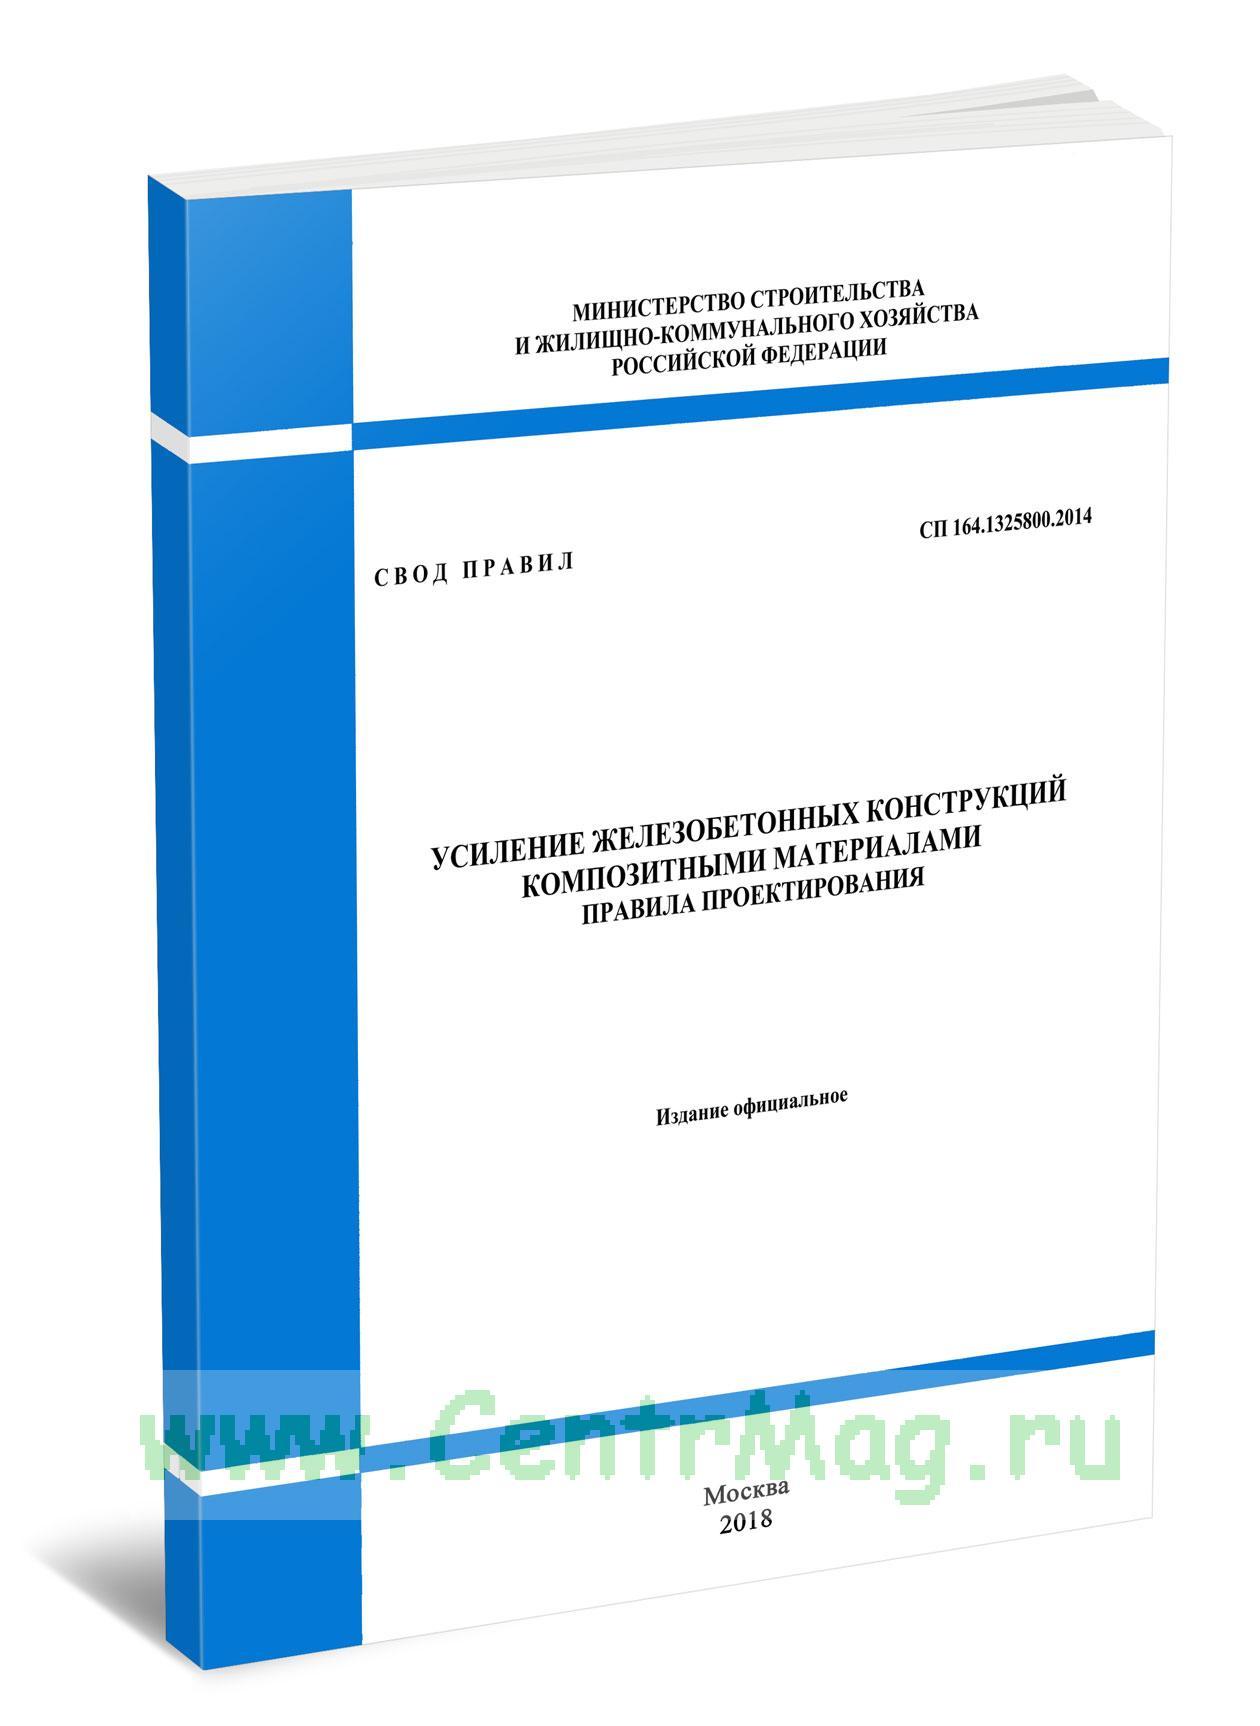 СП 164.1325800.2014 Усиление железобетонных конструкций композитными материалами. Правила проектирования 2020 год. Последняя редакция